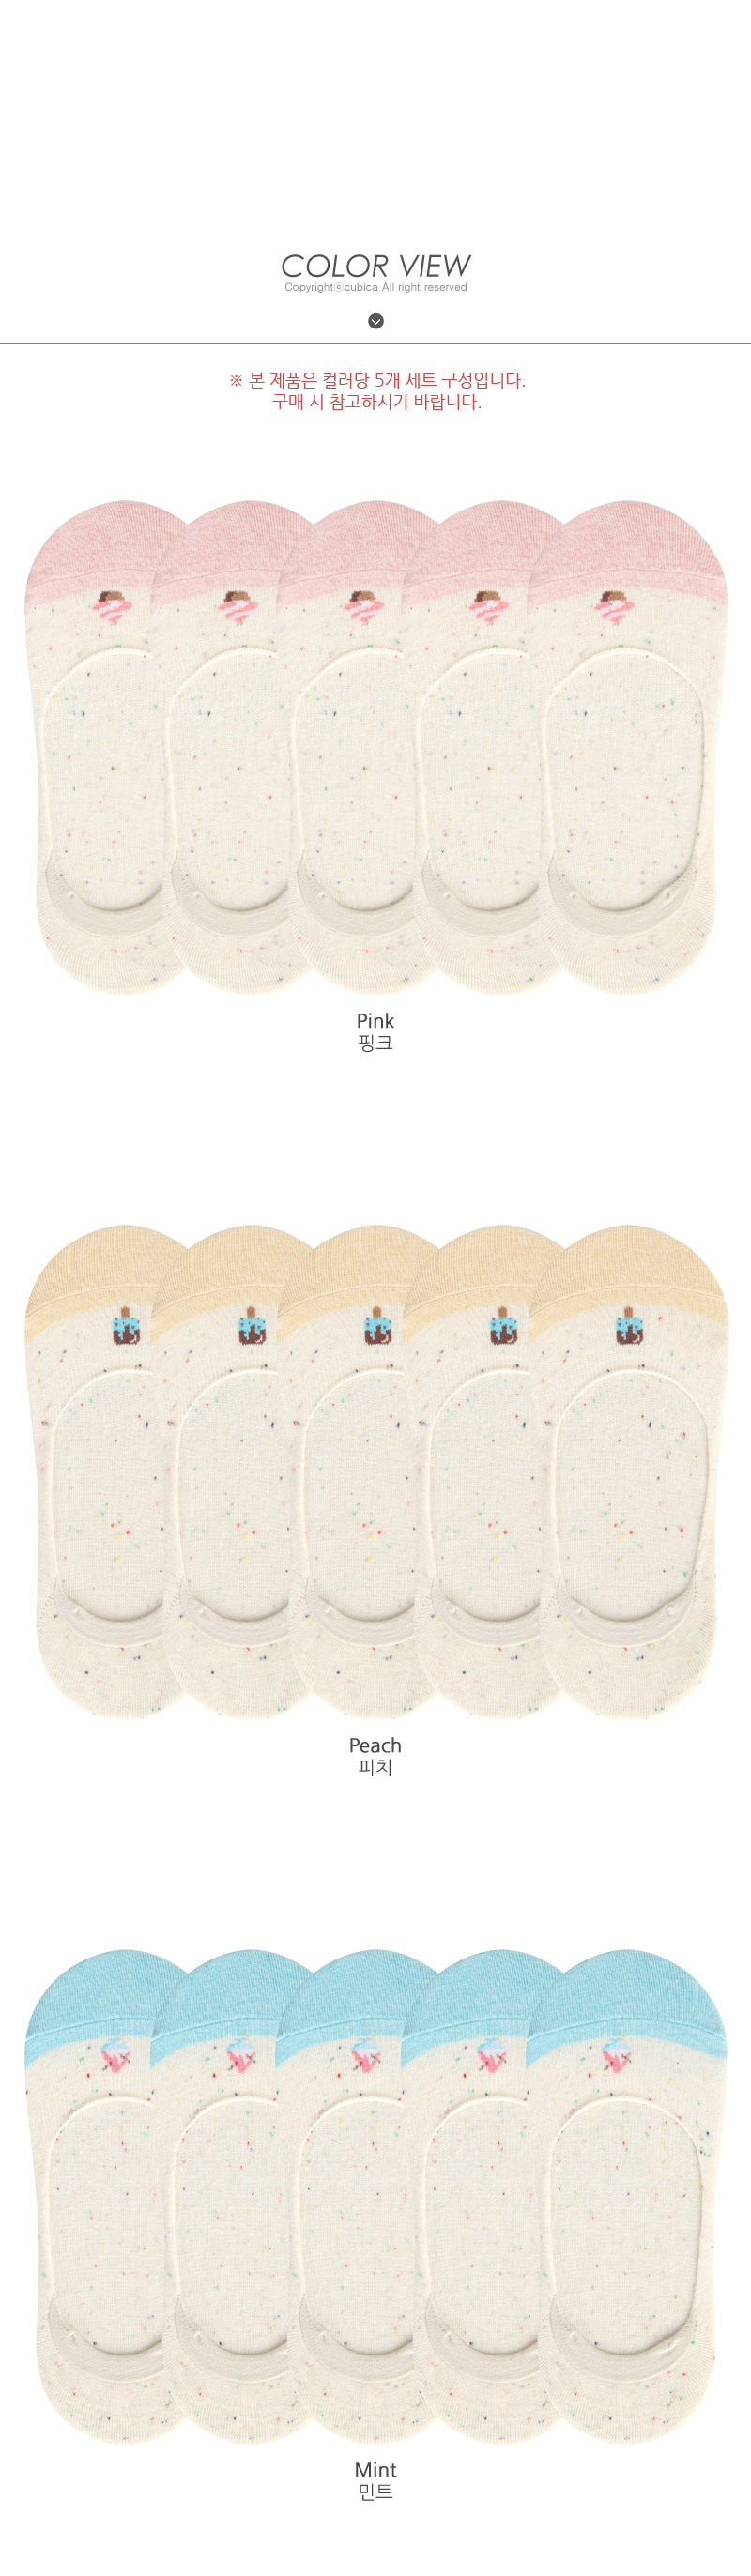 페이크삭스 아이스크림덧신 여성양말5족 F161 - 쿠비카, 9,900원, 남성양말, 페이크삭스